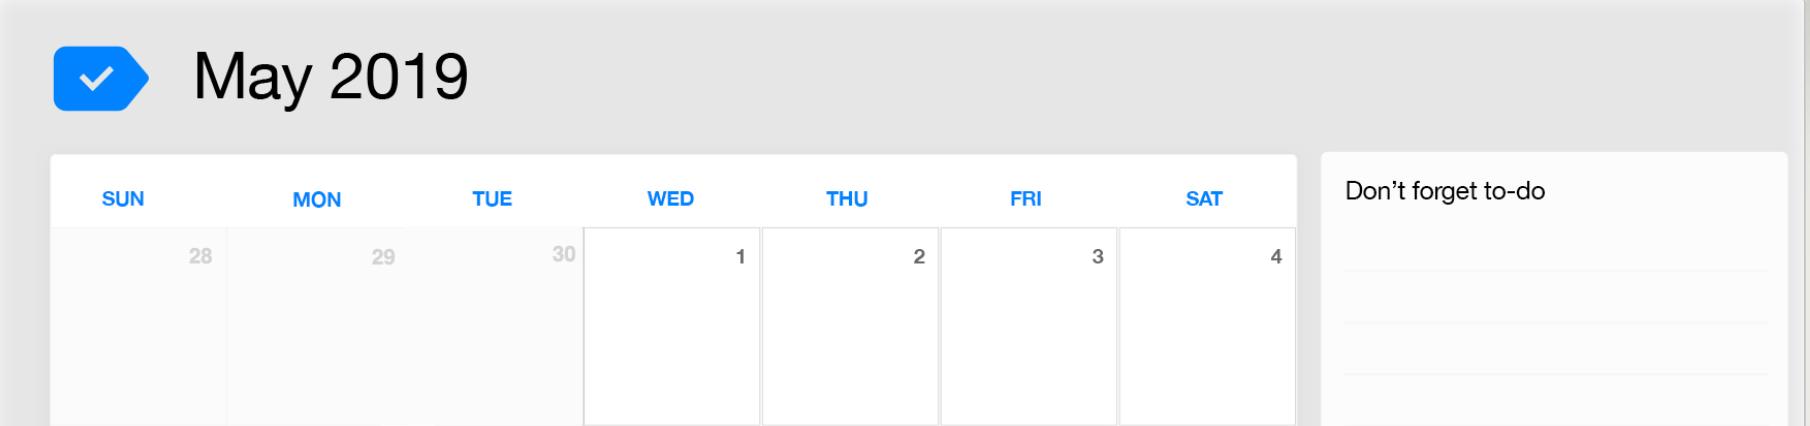 May 2019 Printable Calendar | Any do